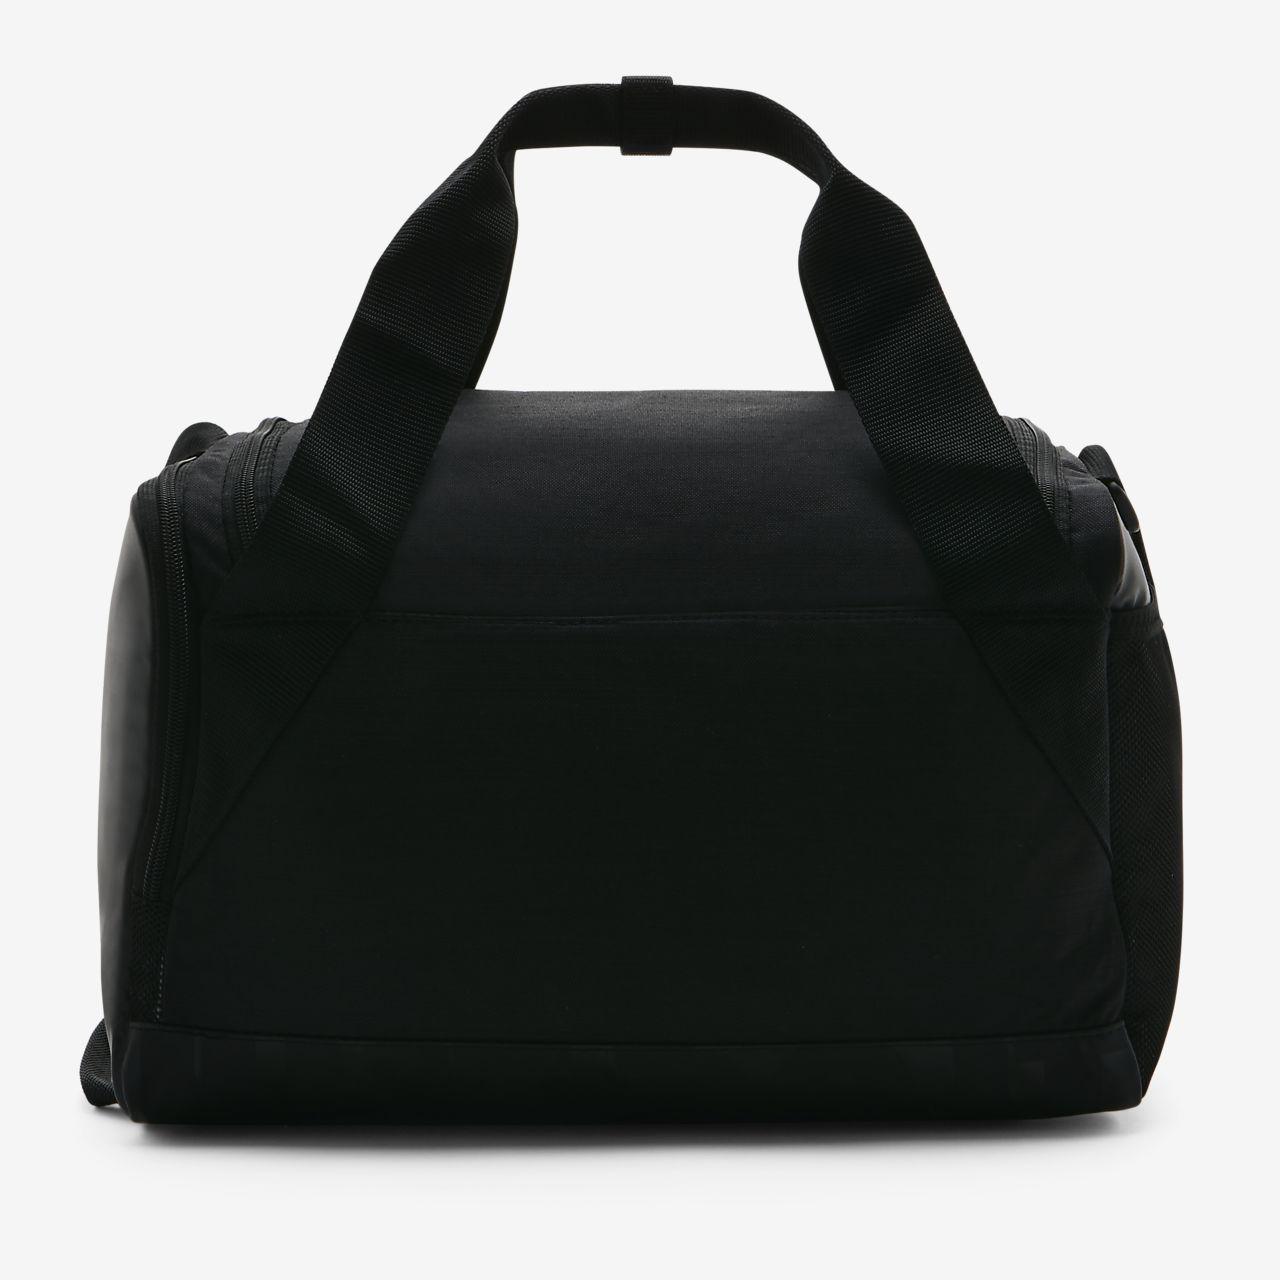 4494204d09a7 Nike Brasilia (Extra Small) Training Duffel Bag. Nike.com CH